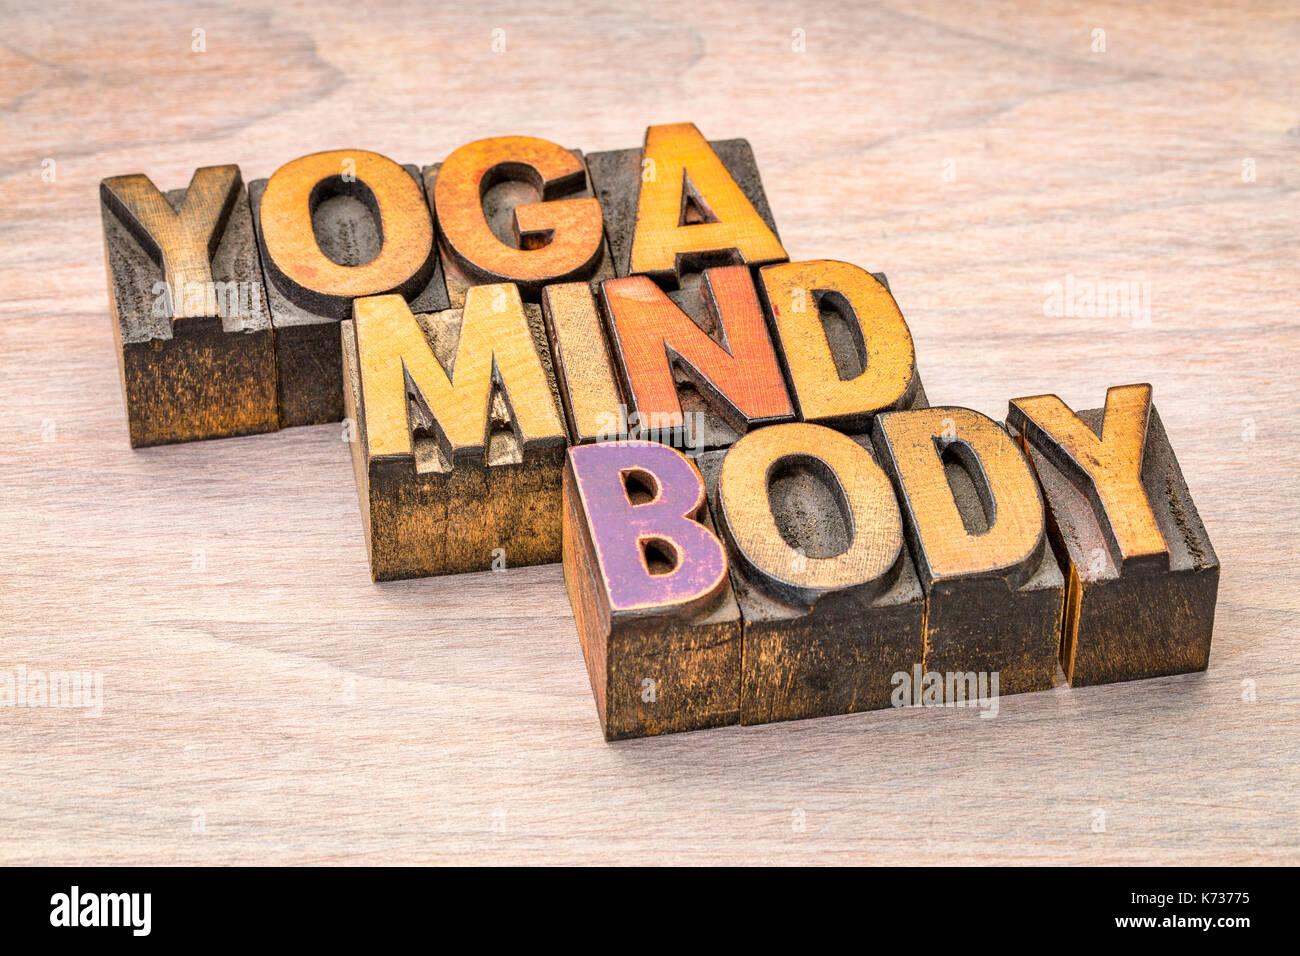 Yoga Typography Stockfotos & Yoga Typography Bilder - Alamy